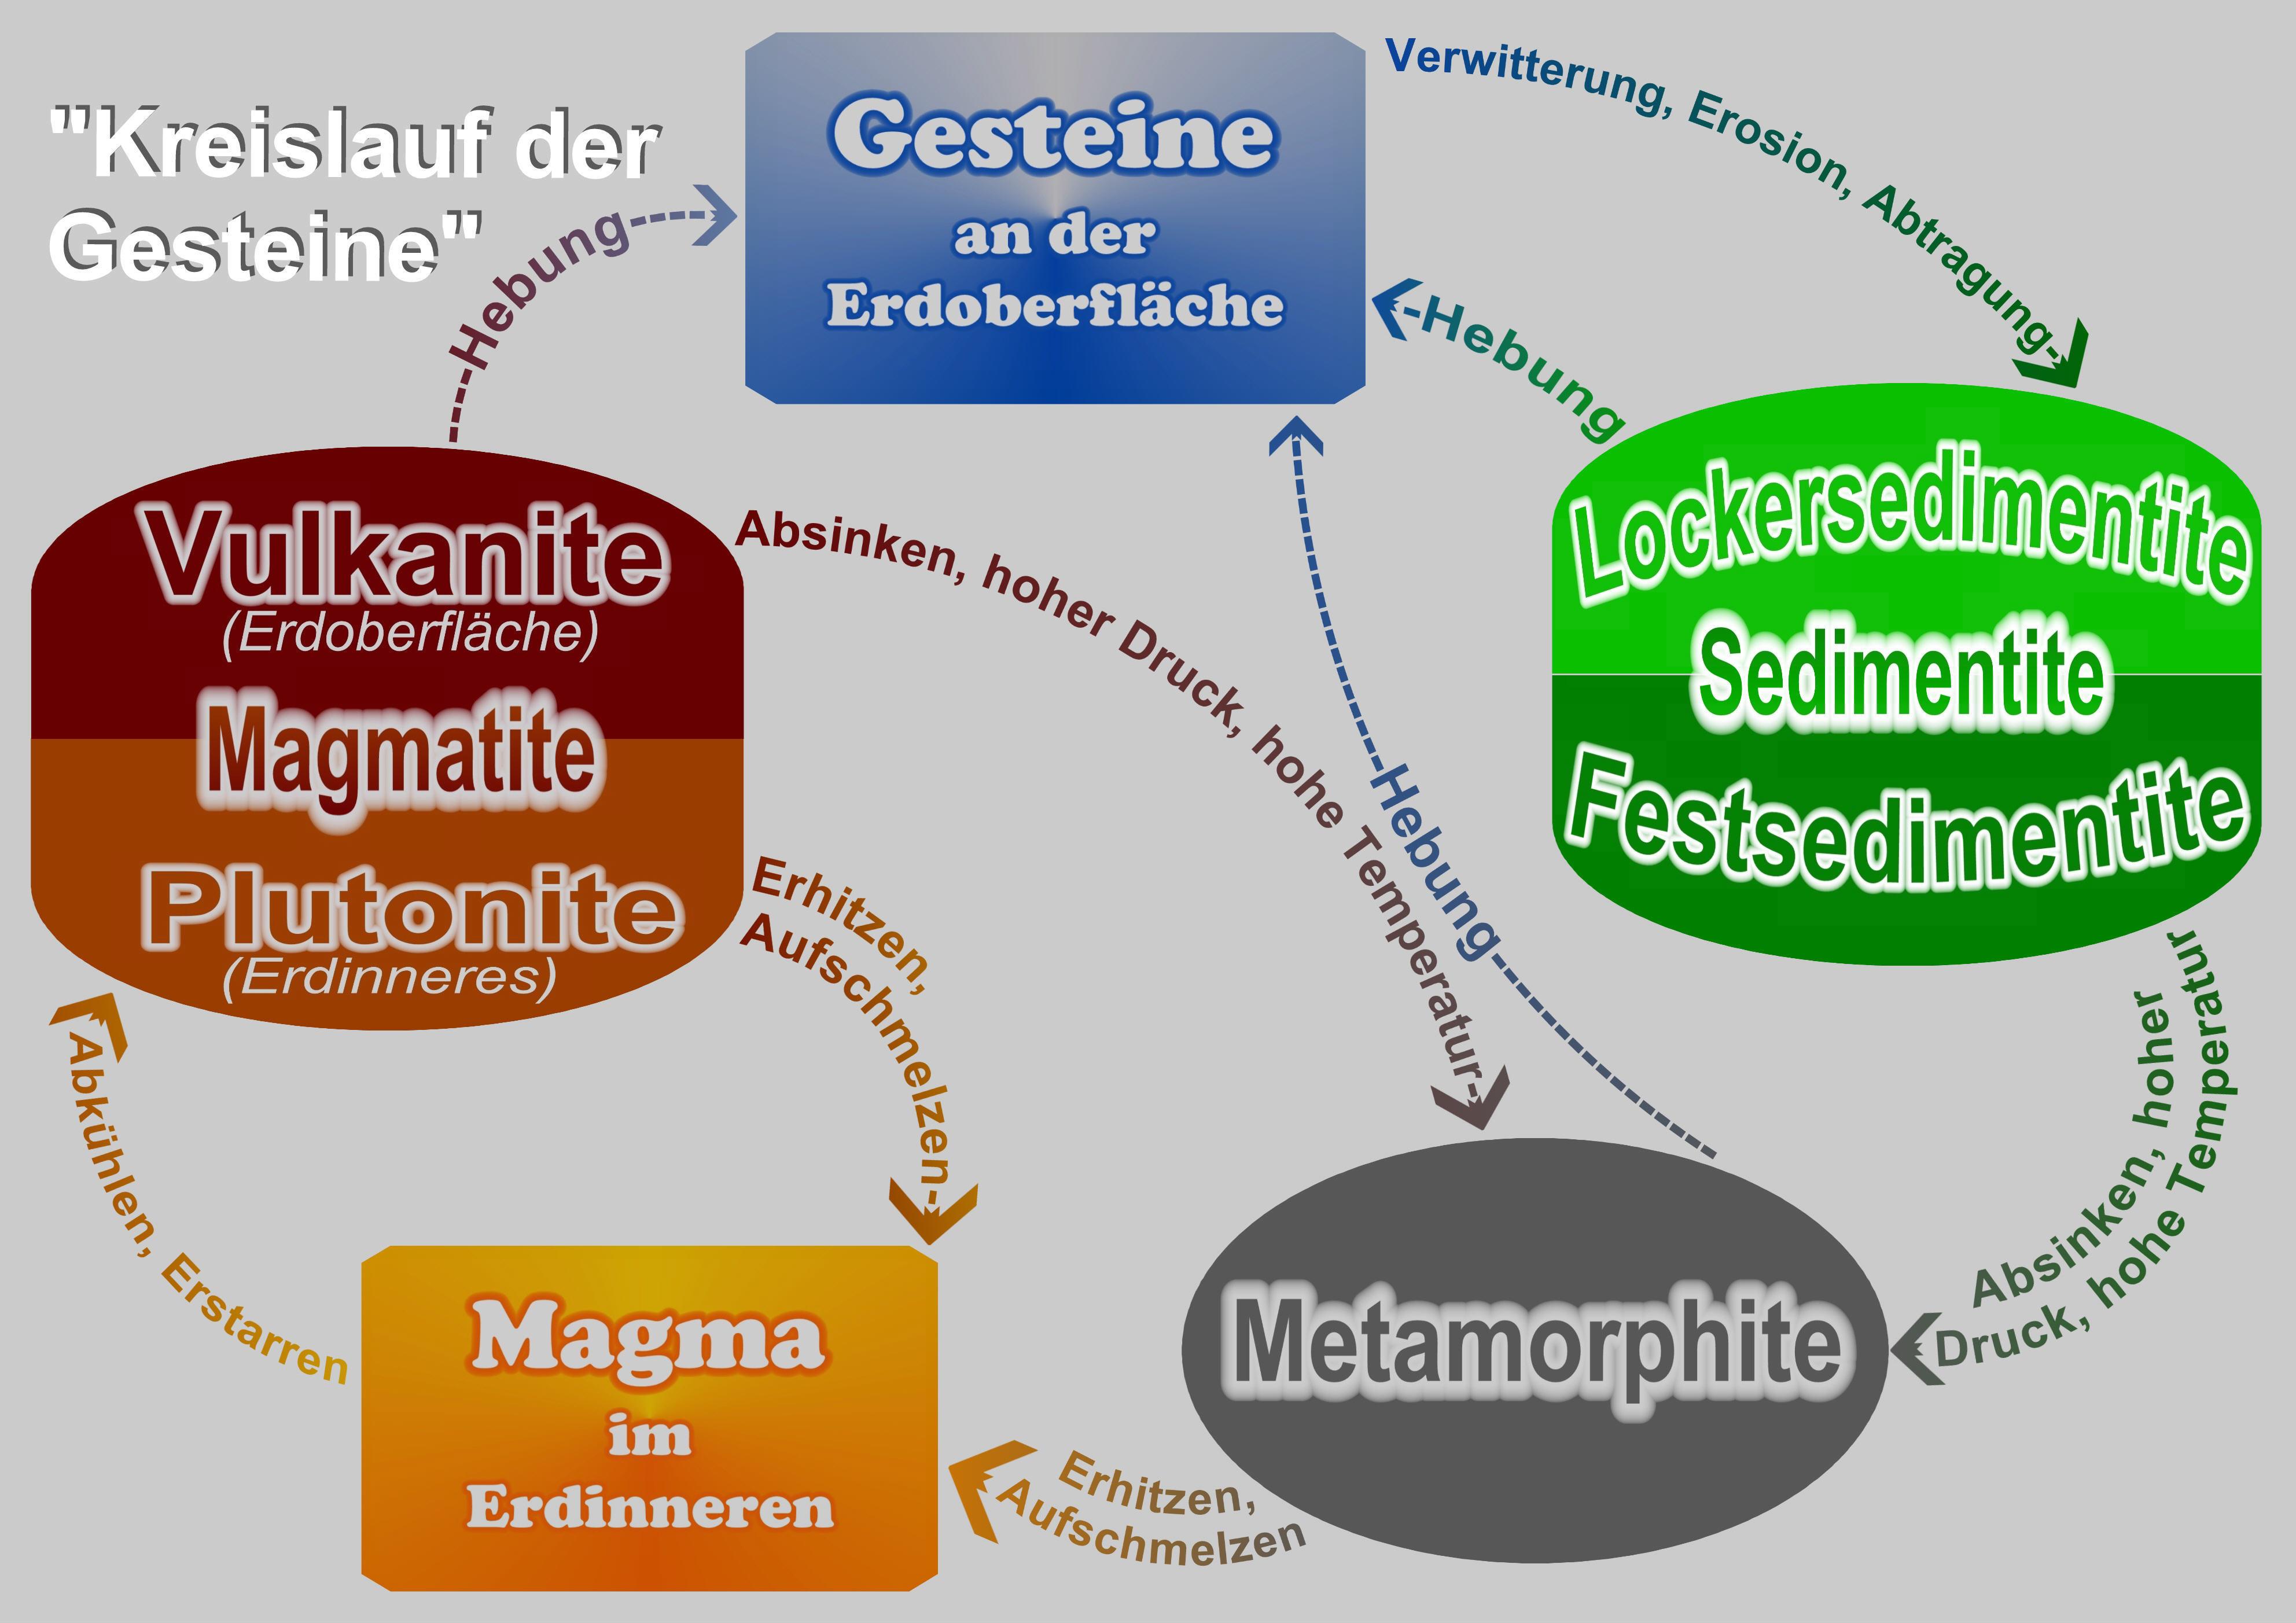 Sedimentite im Kreislauf der Gesteine